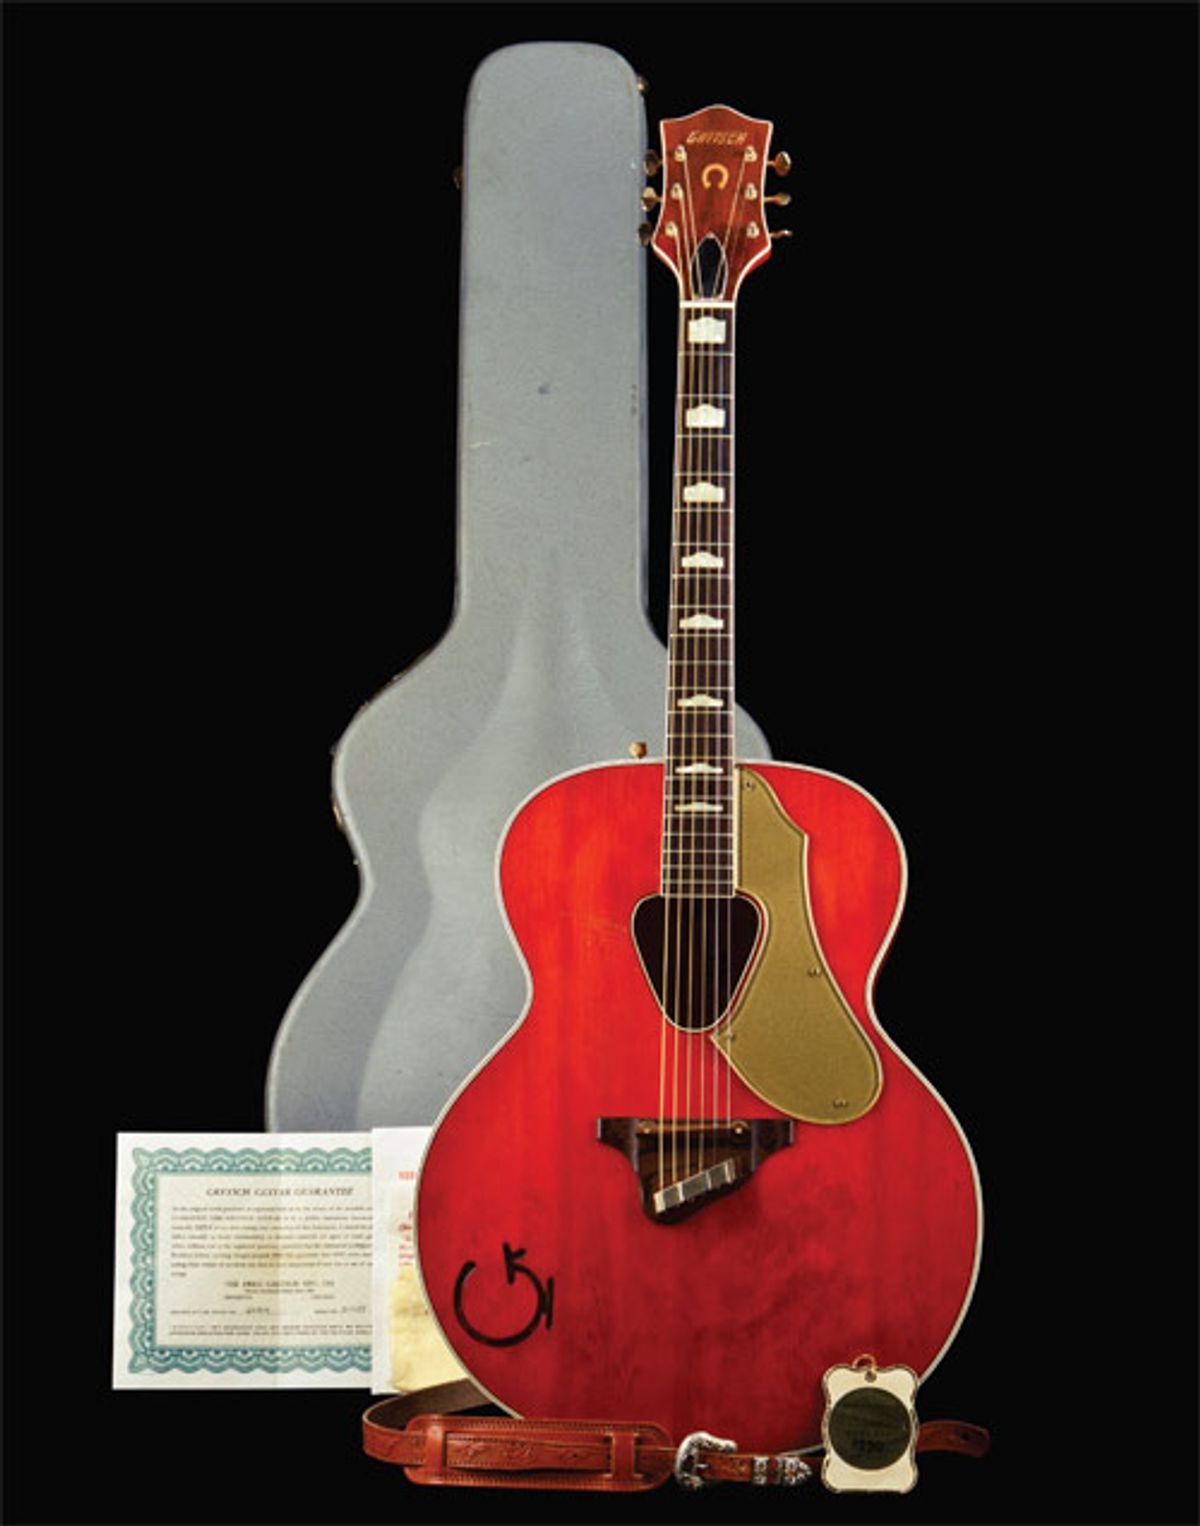 1957 Gretsch 6022 Rancher